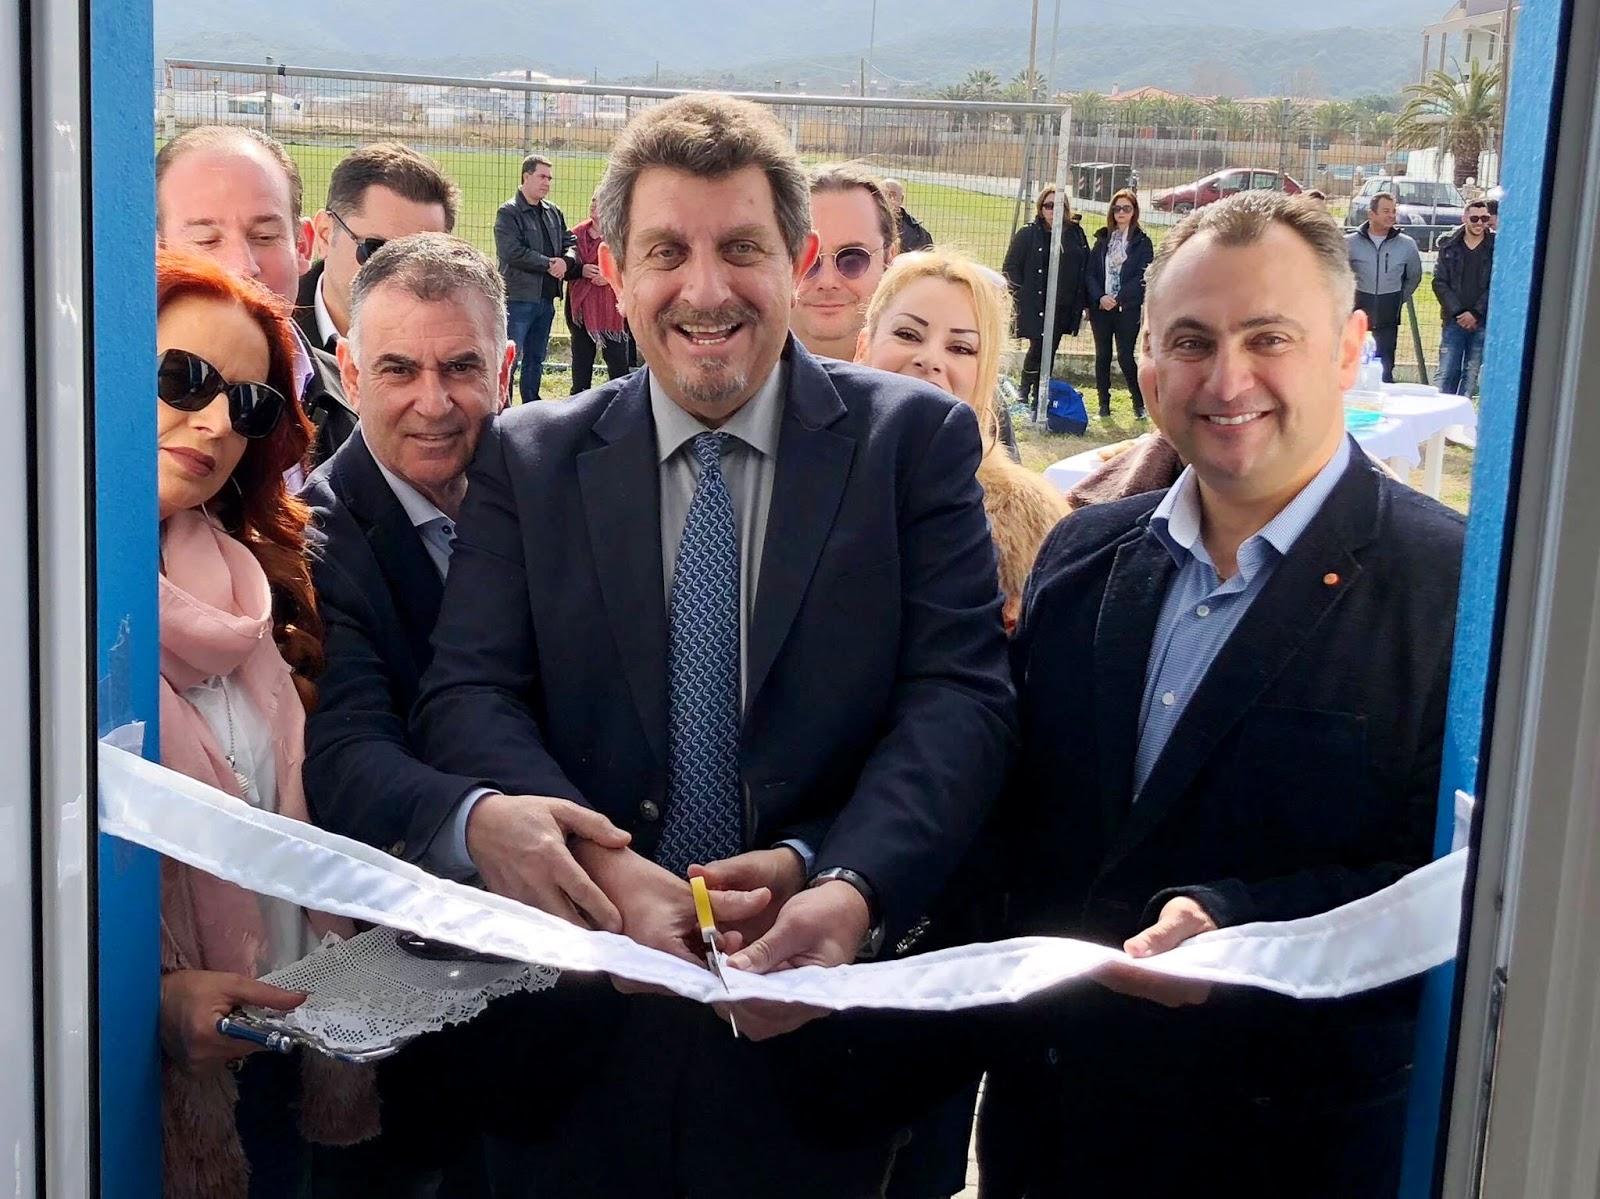 Ο Δήμαρχος Ι.Τζίτζιος εγκαινιάσε έργα 10 εκ.ευρώ στη Σάρτη